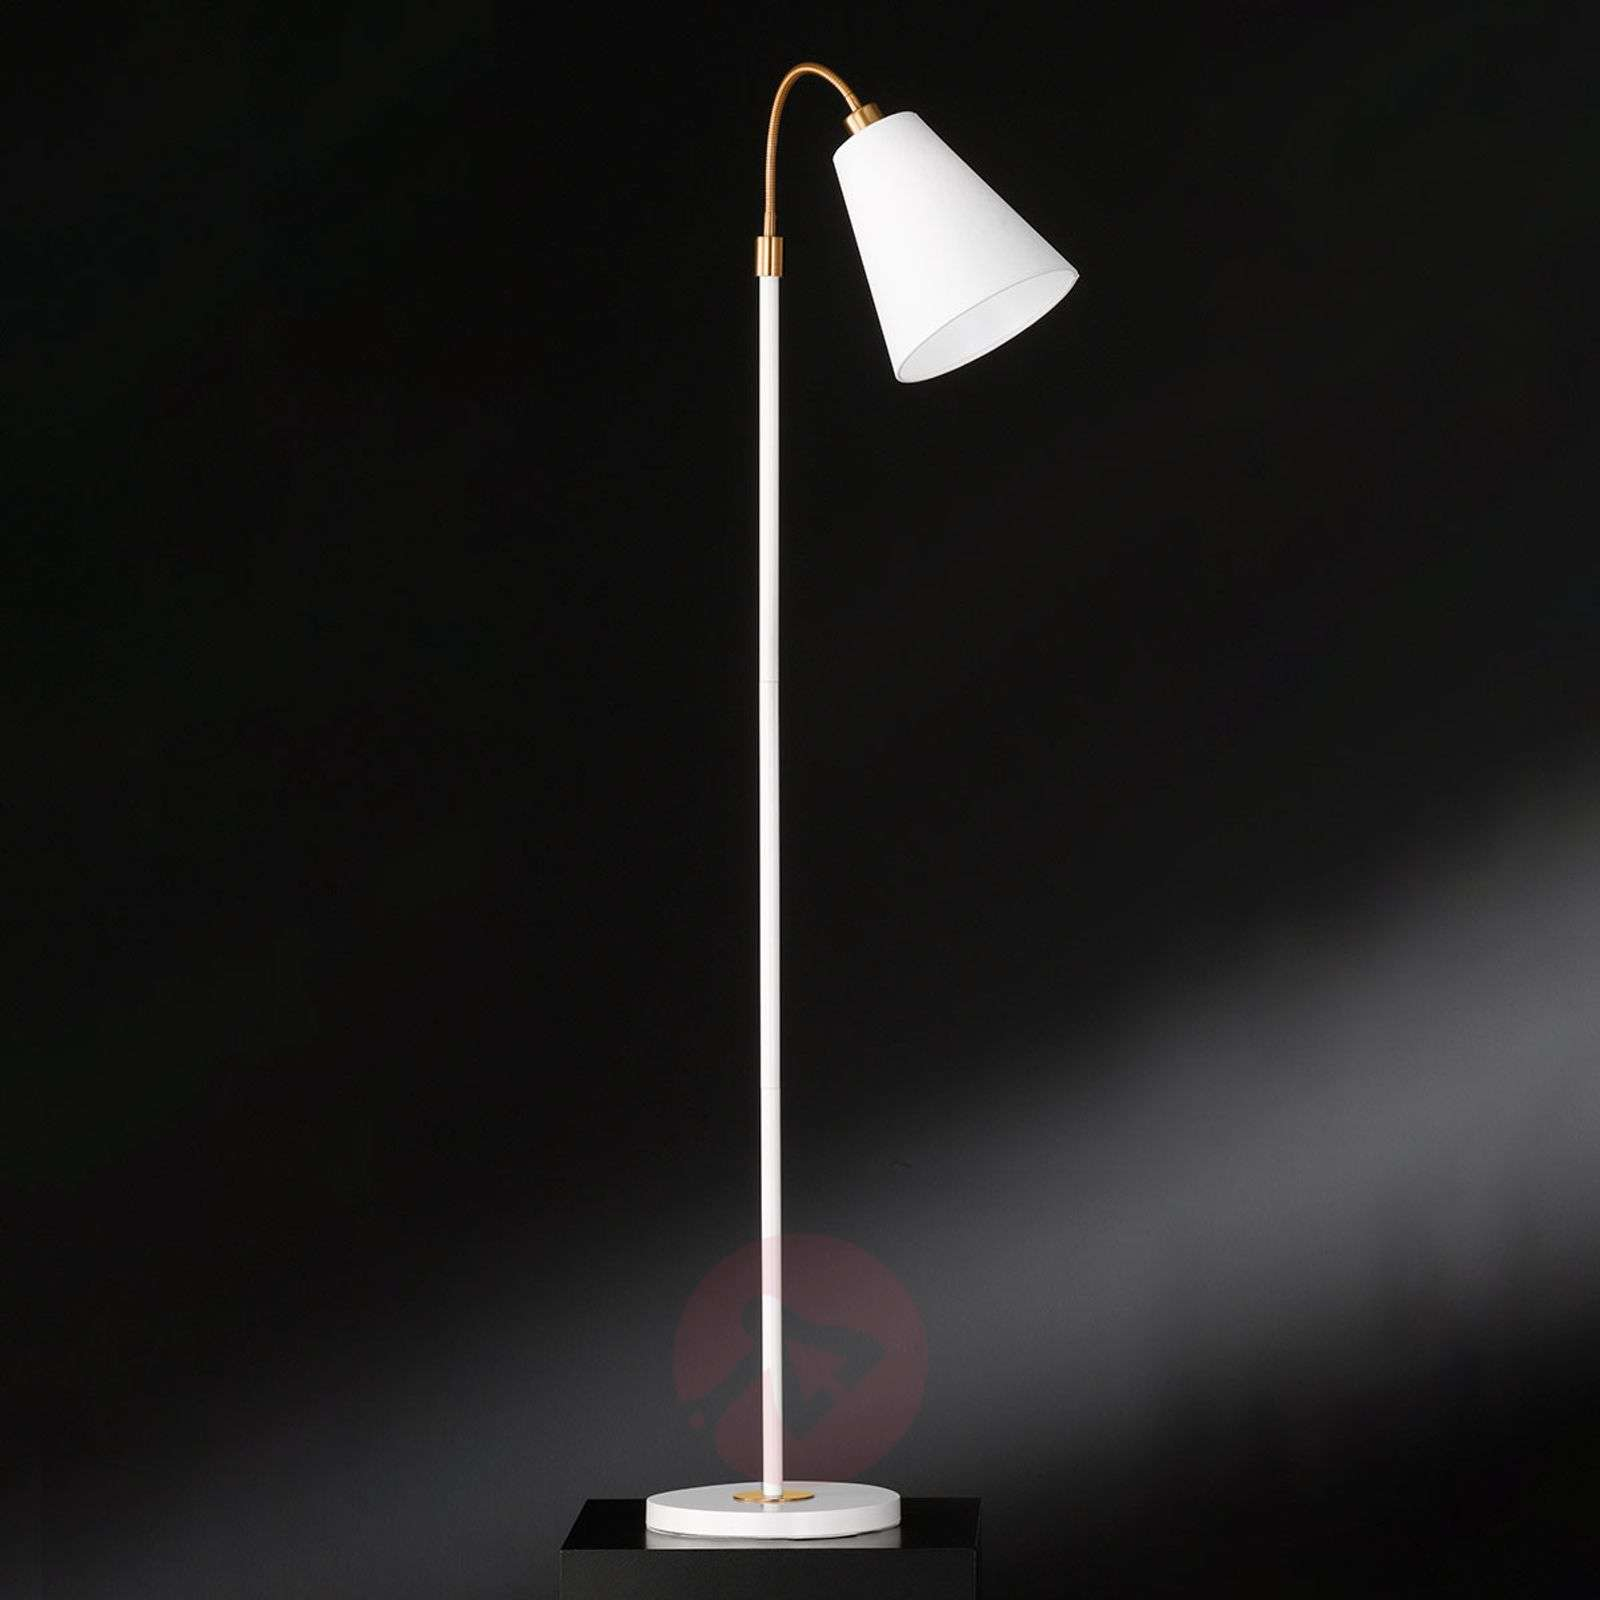 White floor lamp Hopper with bronze details-4581560-01